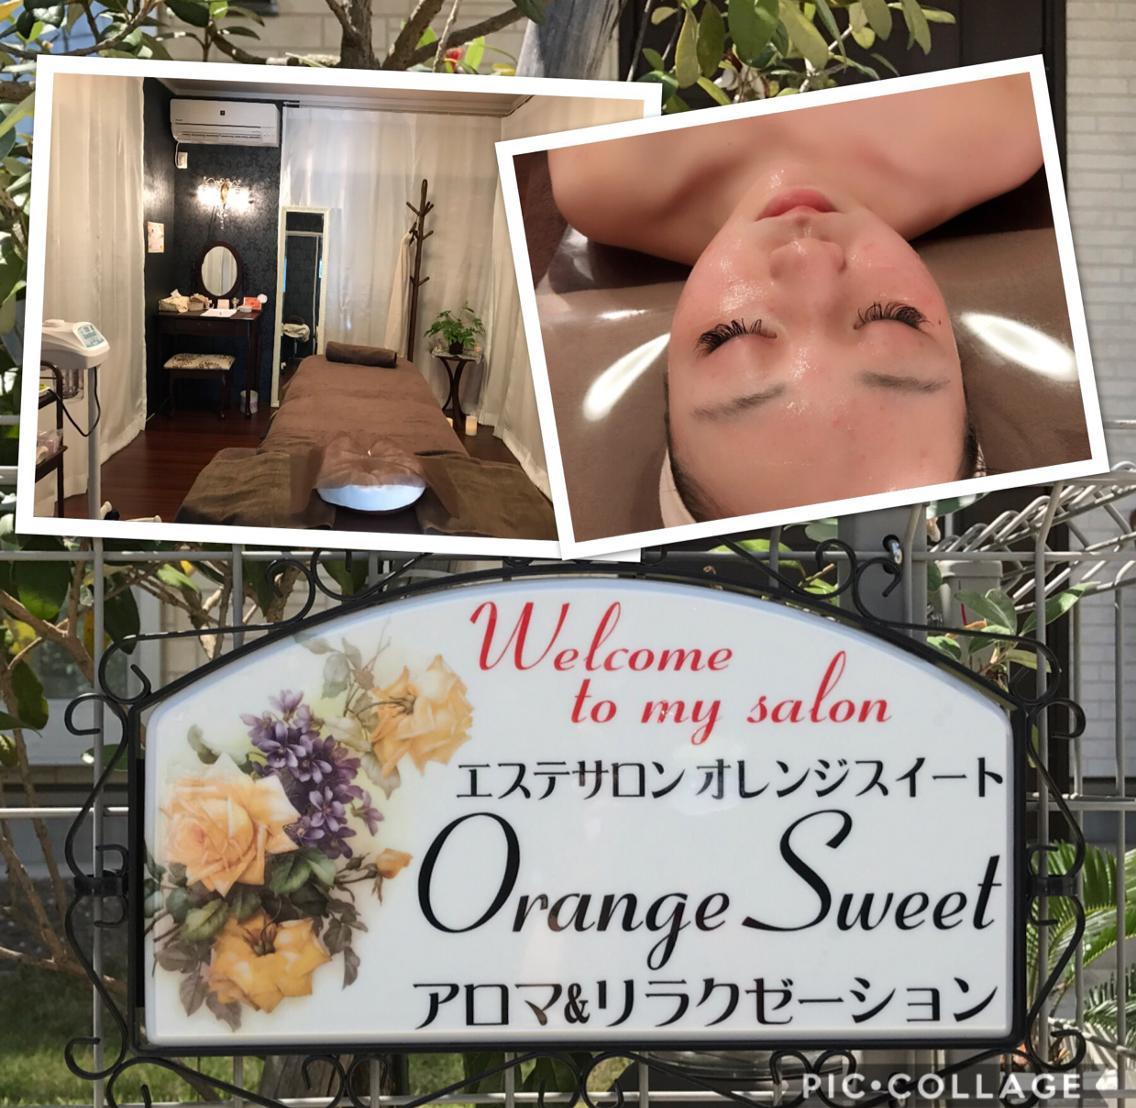 OrangeSweet所属・Orange Sweet🌺扶美の掲載